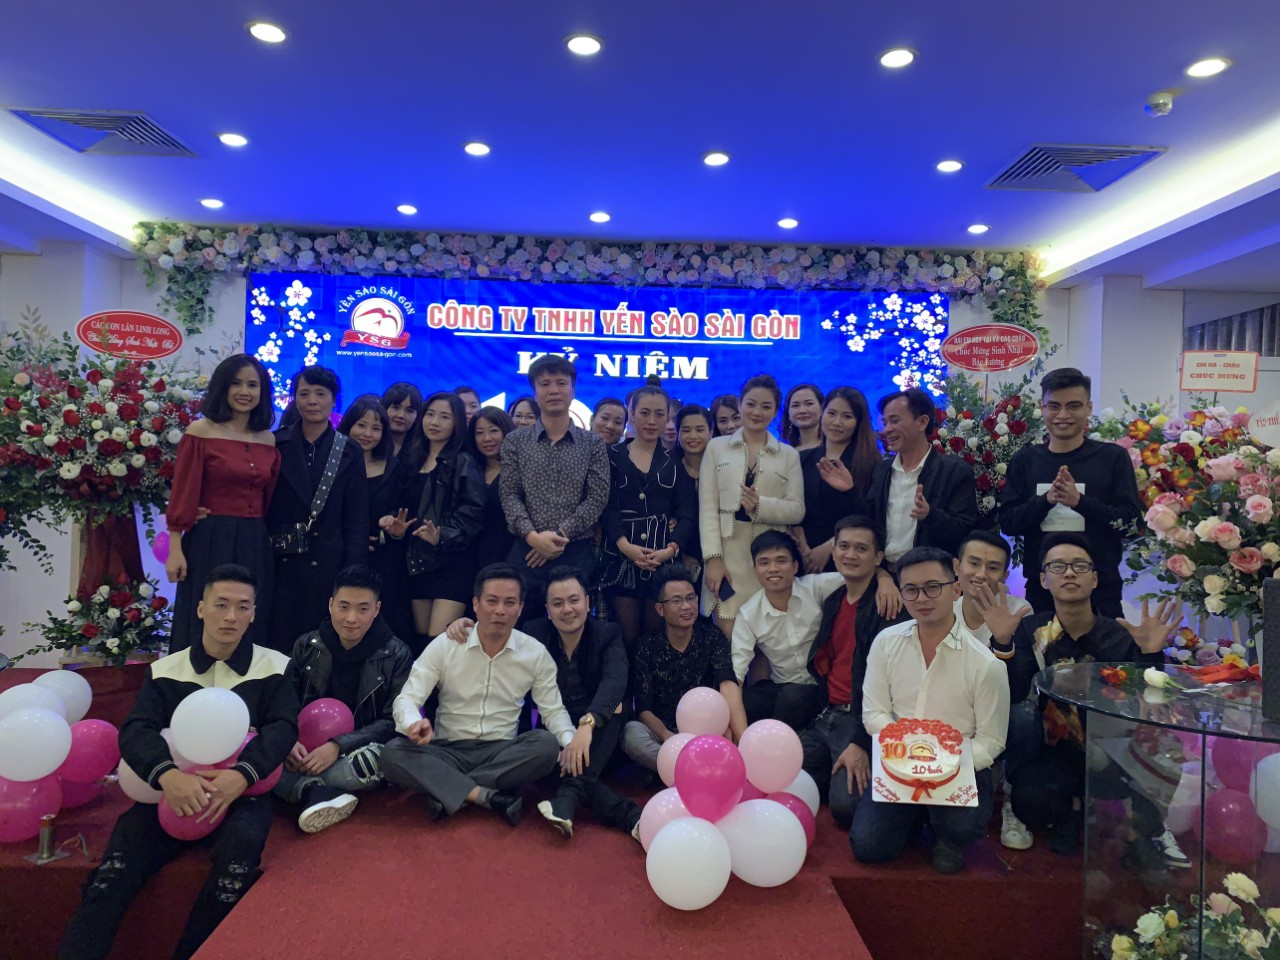 Yến Sào Sài Gòn : 10 năm khẳng định thương hiệu  - Ảnh 1